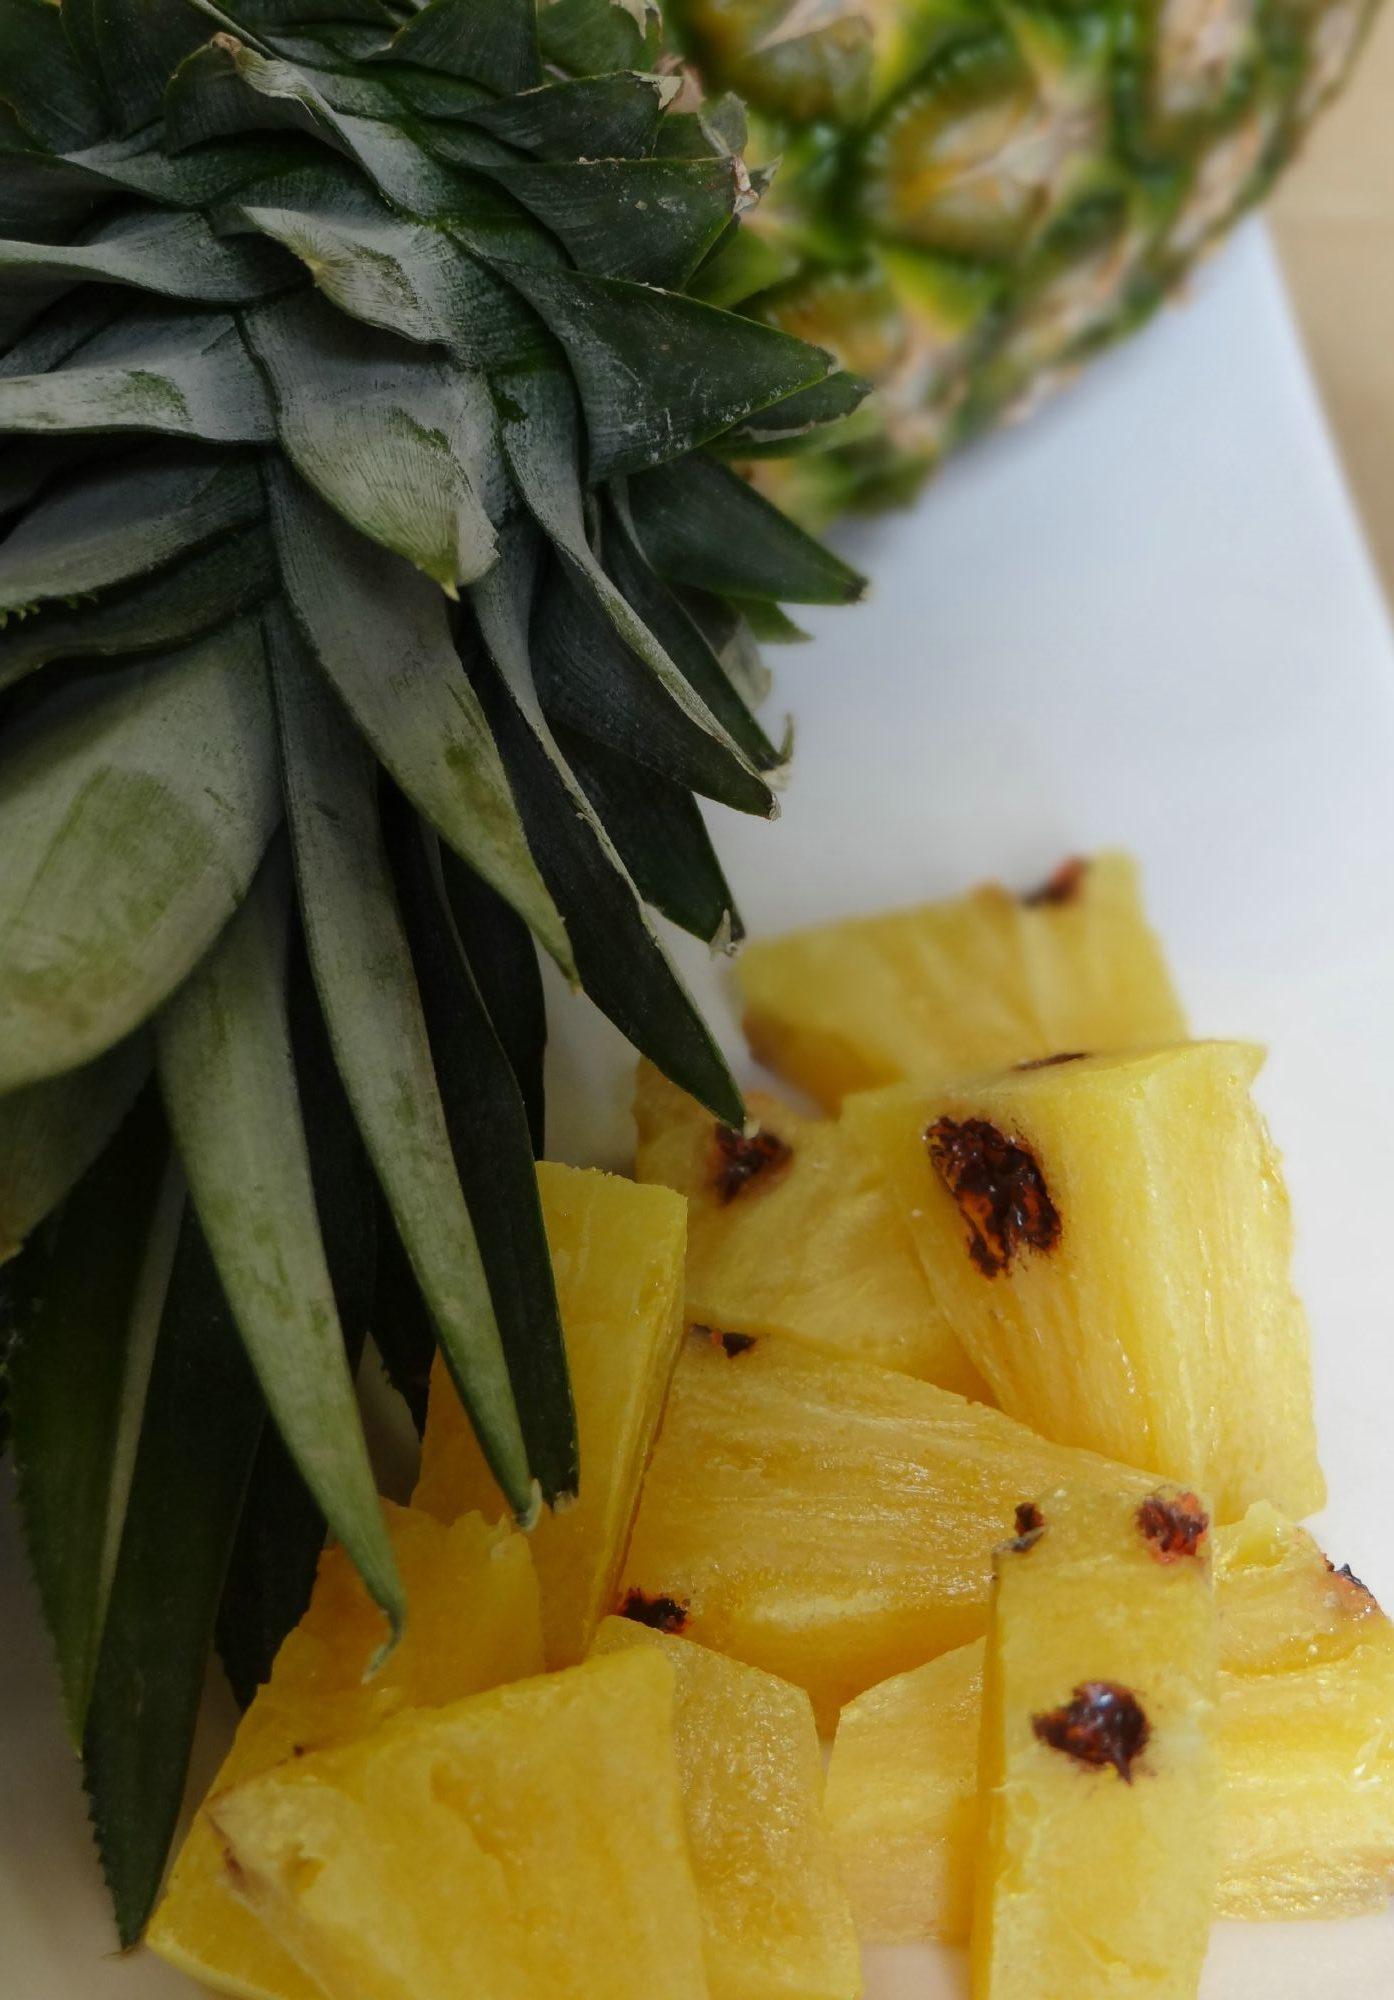 ananas factice en résine réalisé par l'atelier Cobalt FX